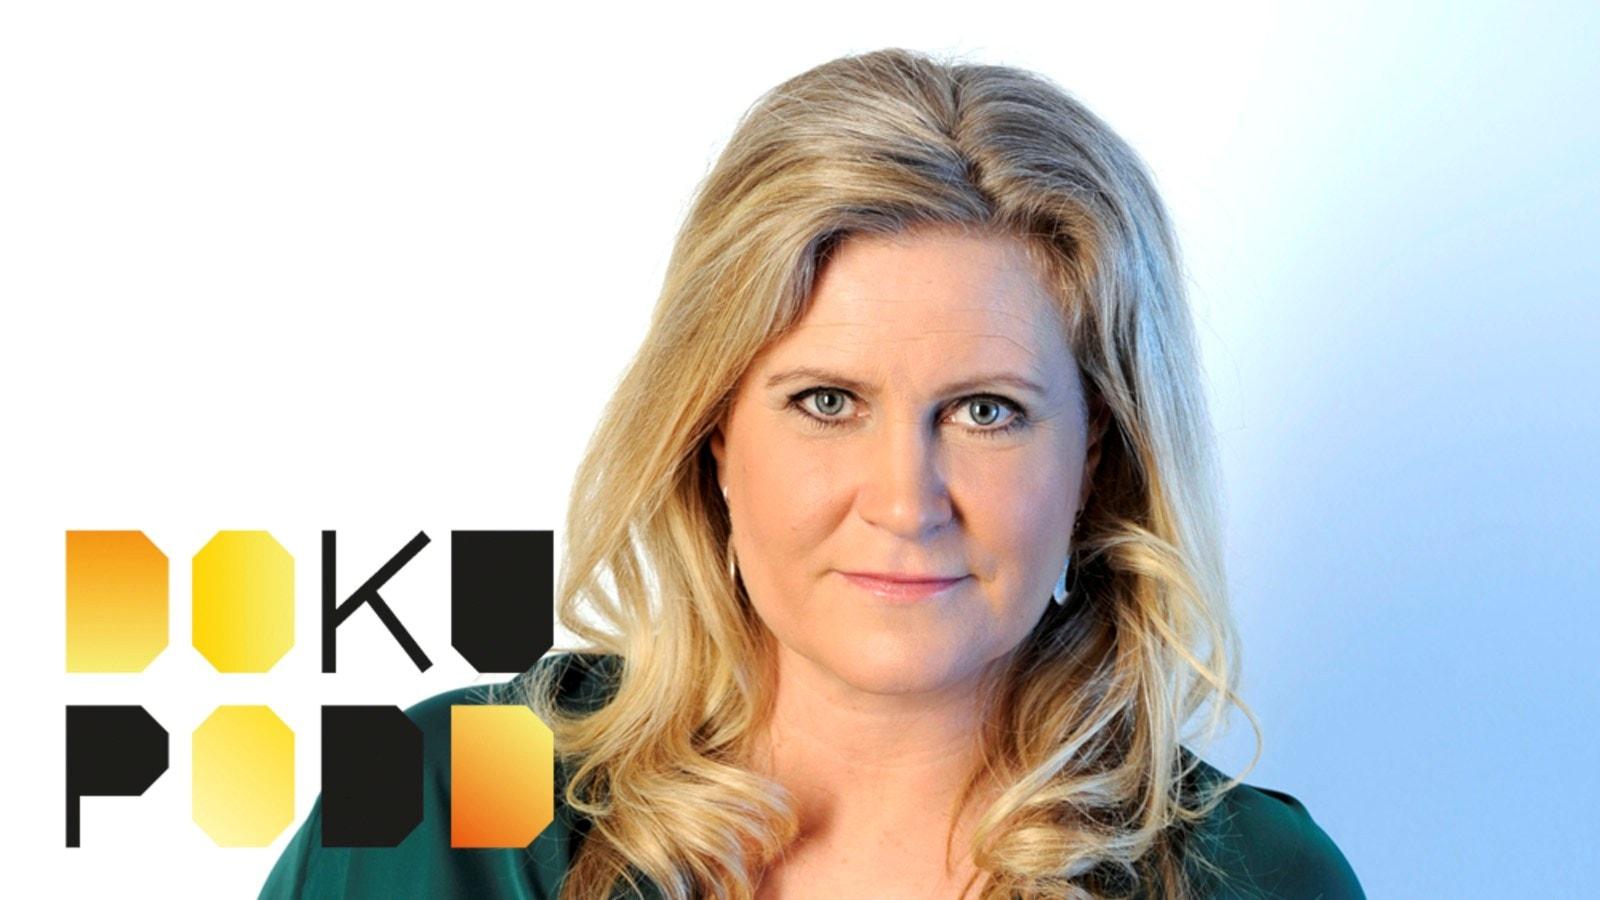 Berättelser om brott med Camilla Kvartoft